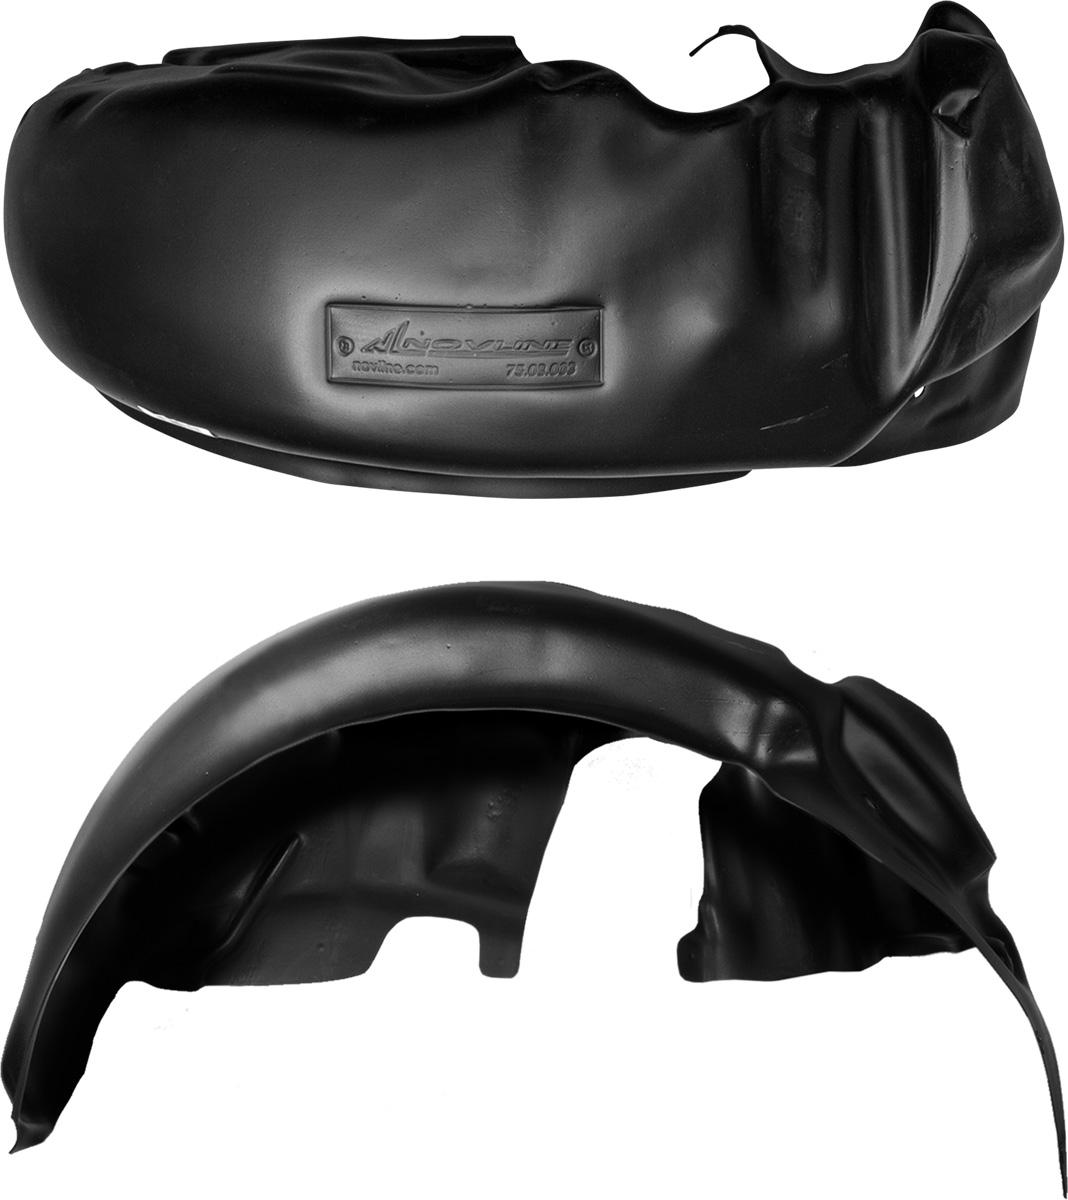 Подкрылок FIAT Ducato, 2012->, передний левый1004900000360Колесные ниши – одни из самых уязвимых зон днища вашего автомобиля. Они постоянно подвергаются воздействию со стороны дороги. Лучшая, почти абсолютная защита для них - специально отформованные пластиковые кожухи, которые называются подкрылками, или локерами. Производятся они как для отечественных моделей автомобилей, так и для иномарок. Подкрылки выполнены из высококачественного, экологически чистого пластика. Обеспечивают надежную защиту кузова автомобиля от пескоструйного эффекта и негативного влияния, агрессивных антигололедных реагентов. Пластик обладает более низкой теплопроводностью, чем металл, поэтому в зимний период эксплуатации использование пластиковых подкрылков позволяет лучше защитить колесные ниши от налипания снега и образования наледи. Оригинальность конструкции подчеркивает элегантность автомобиля, бережно защищает нанесенное на днище кузова антикоррозийное покрытие и позволяет осуществить крепление подкрылков внутри колесной арки практически без дополнительного крепежа и сверления, не нарушая при этом лакокрасочного покрытия, что предотвращает возникновение новых очагов коррозии. Технология крепления подкрылков на иномарки принципиально отличается от крепления на российские автомобили и разрабатывается индивидуально для каждой модели автомобиля. Подкрылки долговечны, обладают высокой прочностью и сохраняют заданную форму, а также все свои физико-механические характеристики в самых тяжелых климатических условиях ( от -50° С до + 50° С).